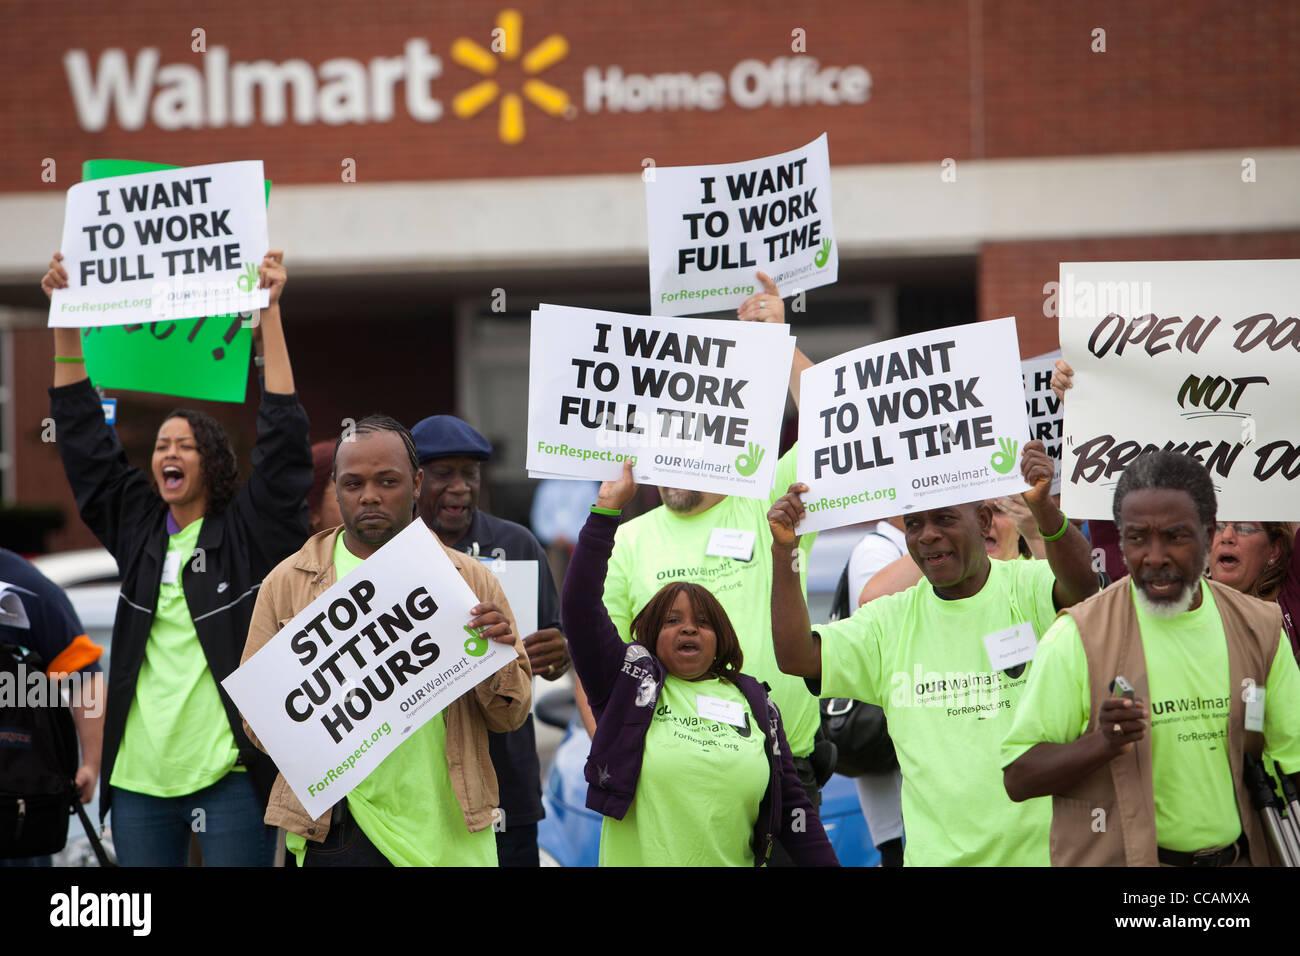 Walmart empleados demostrar delante del Walmart Home Office en Bentonville, Arkansas. Imagen De Stock